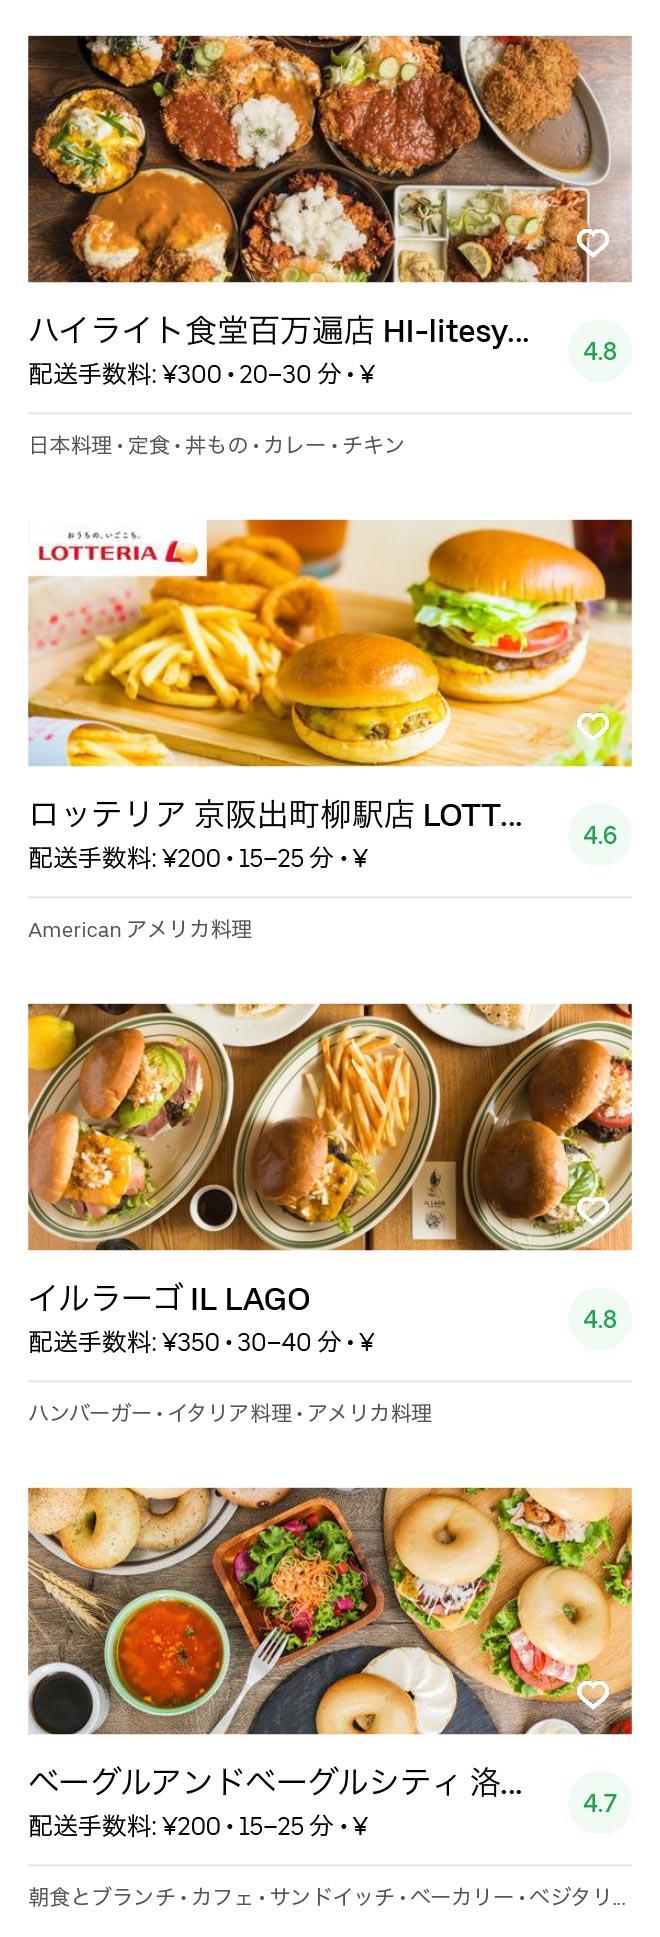 Kyoto kitaoji menu 2005 04